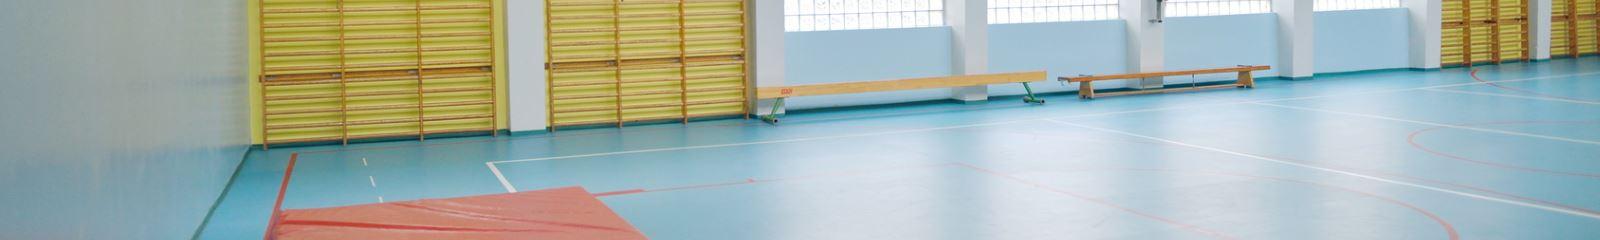 podłogi sportowe na hale sportowe